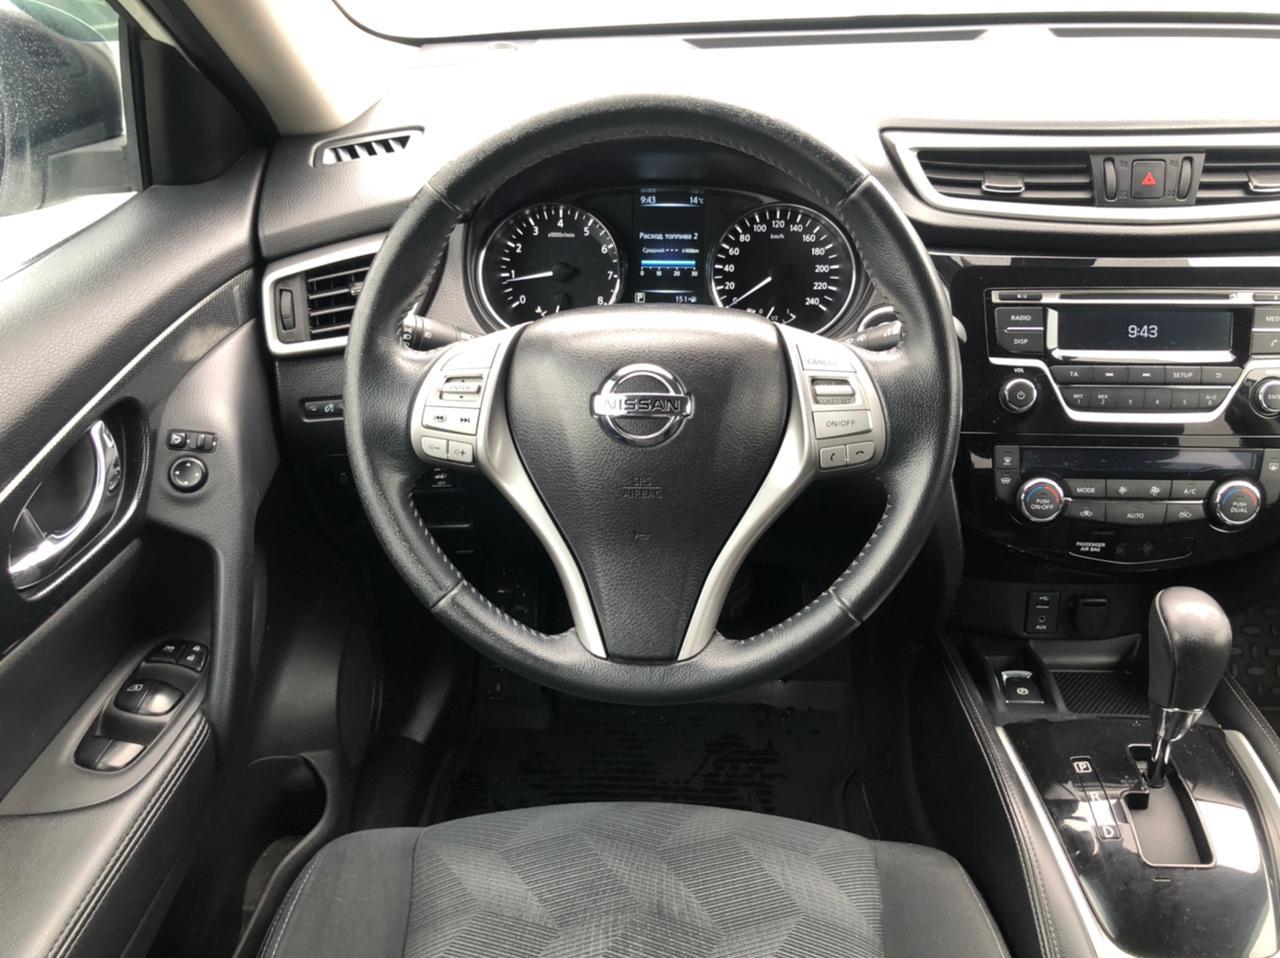 Nissan X-Trail Внедорожник (2016г.)